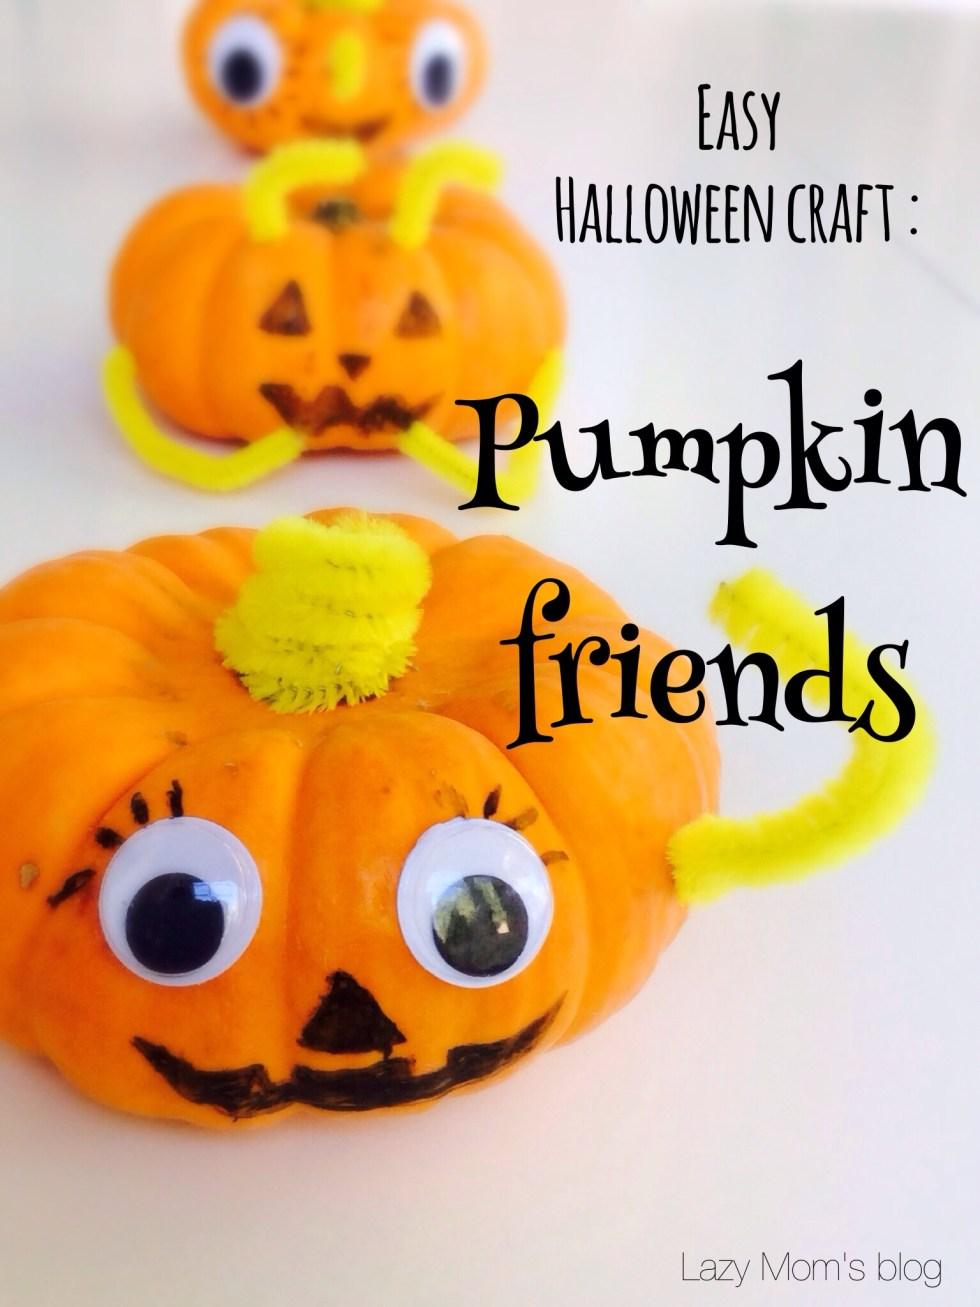 Three pumpkin friends